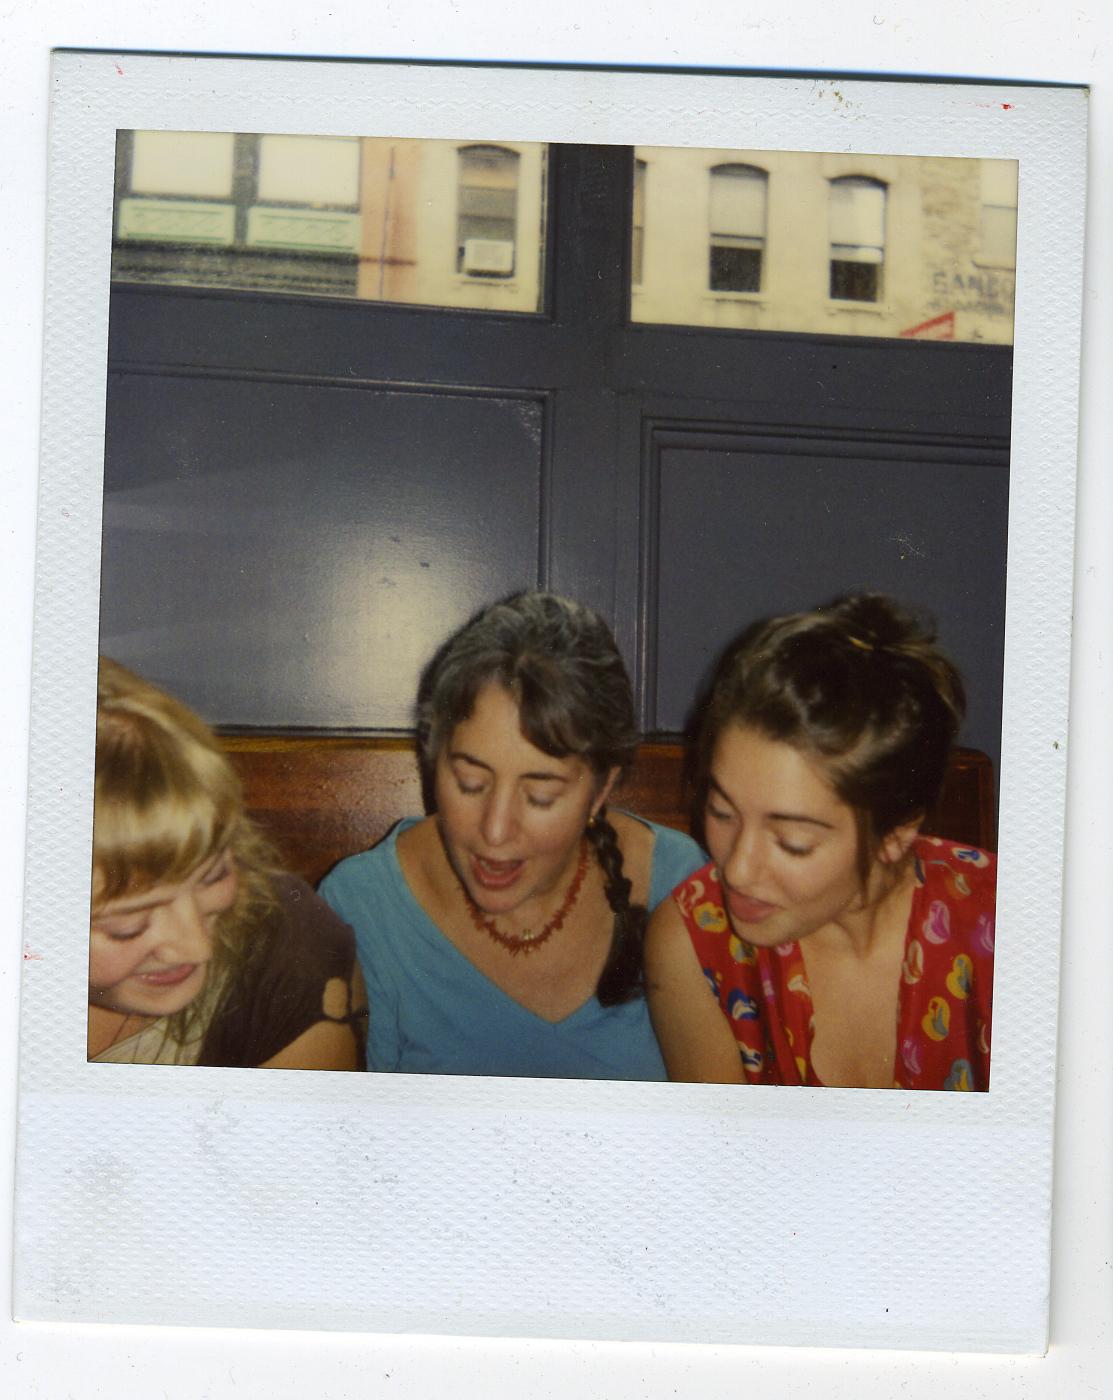 Hilary, Jamie and Sam